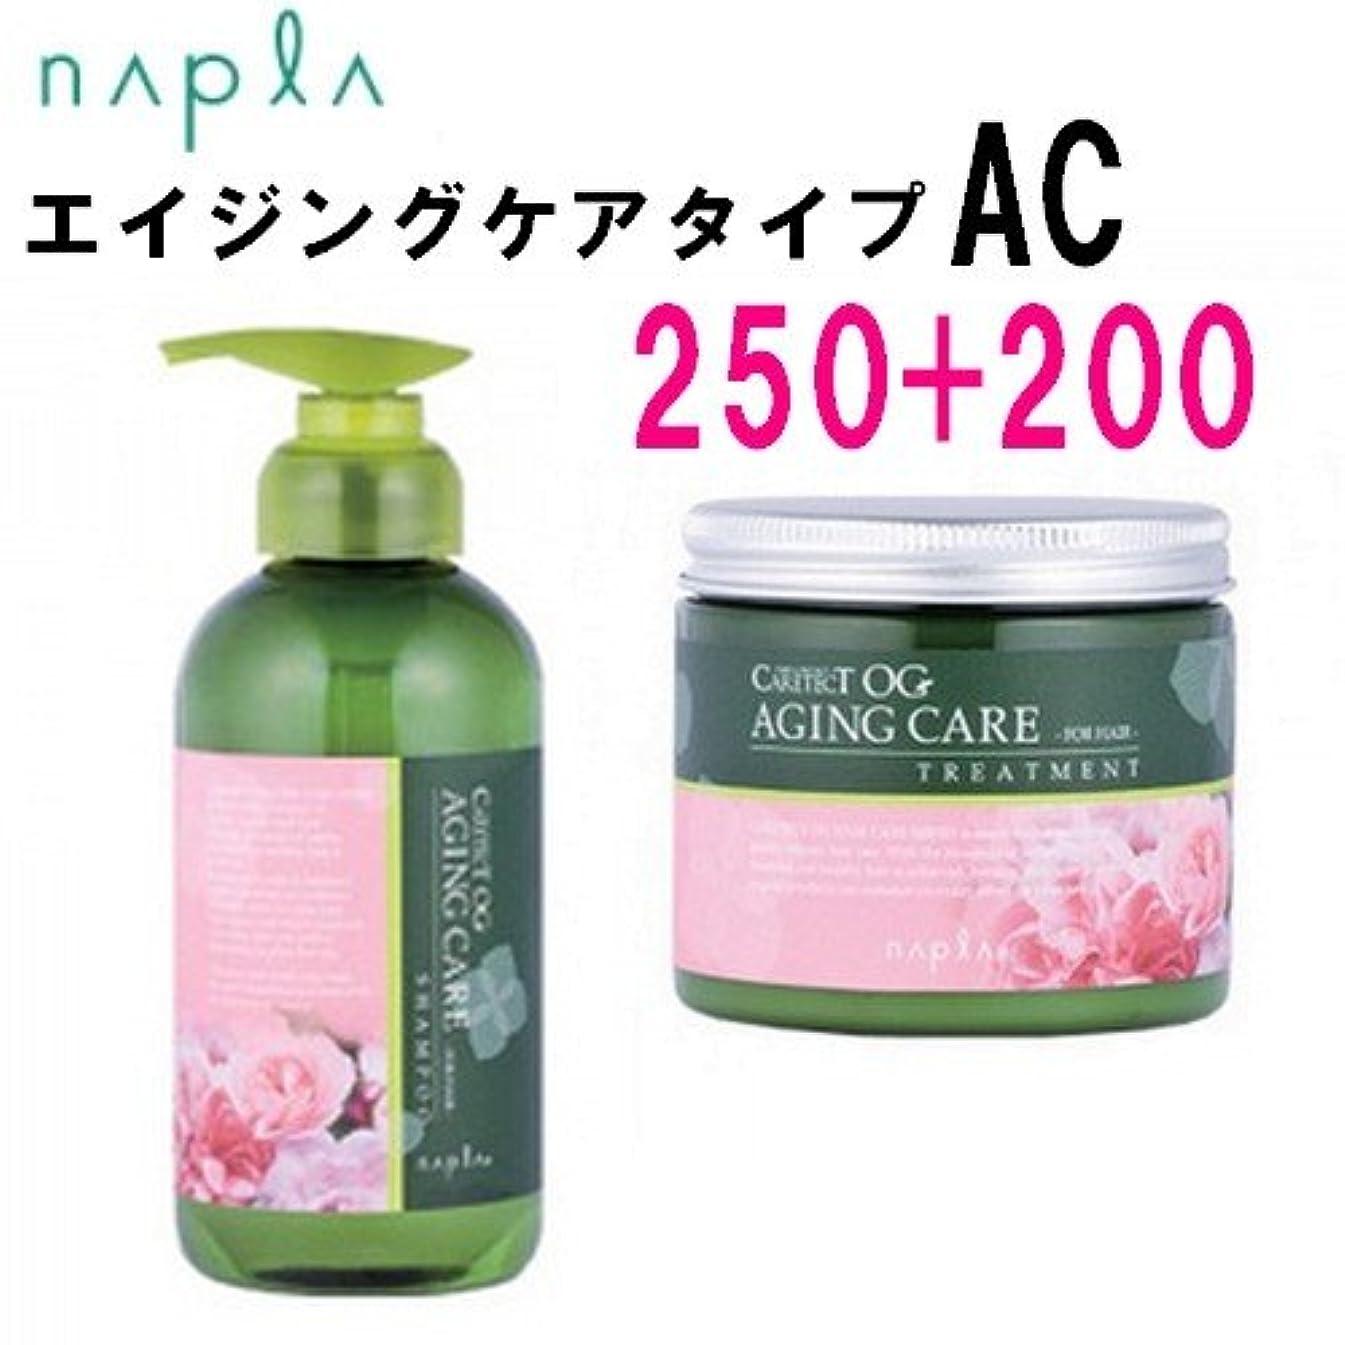 助言する肉屋摂氏ナプラ ケアテクトOG シャンプー&トリートメント AC セット 250ml/200g